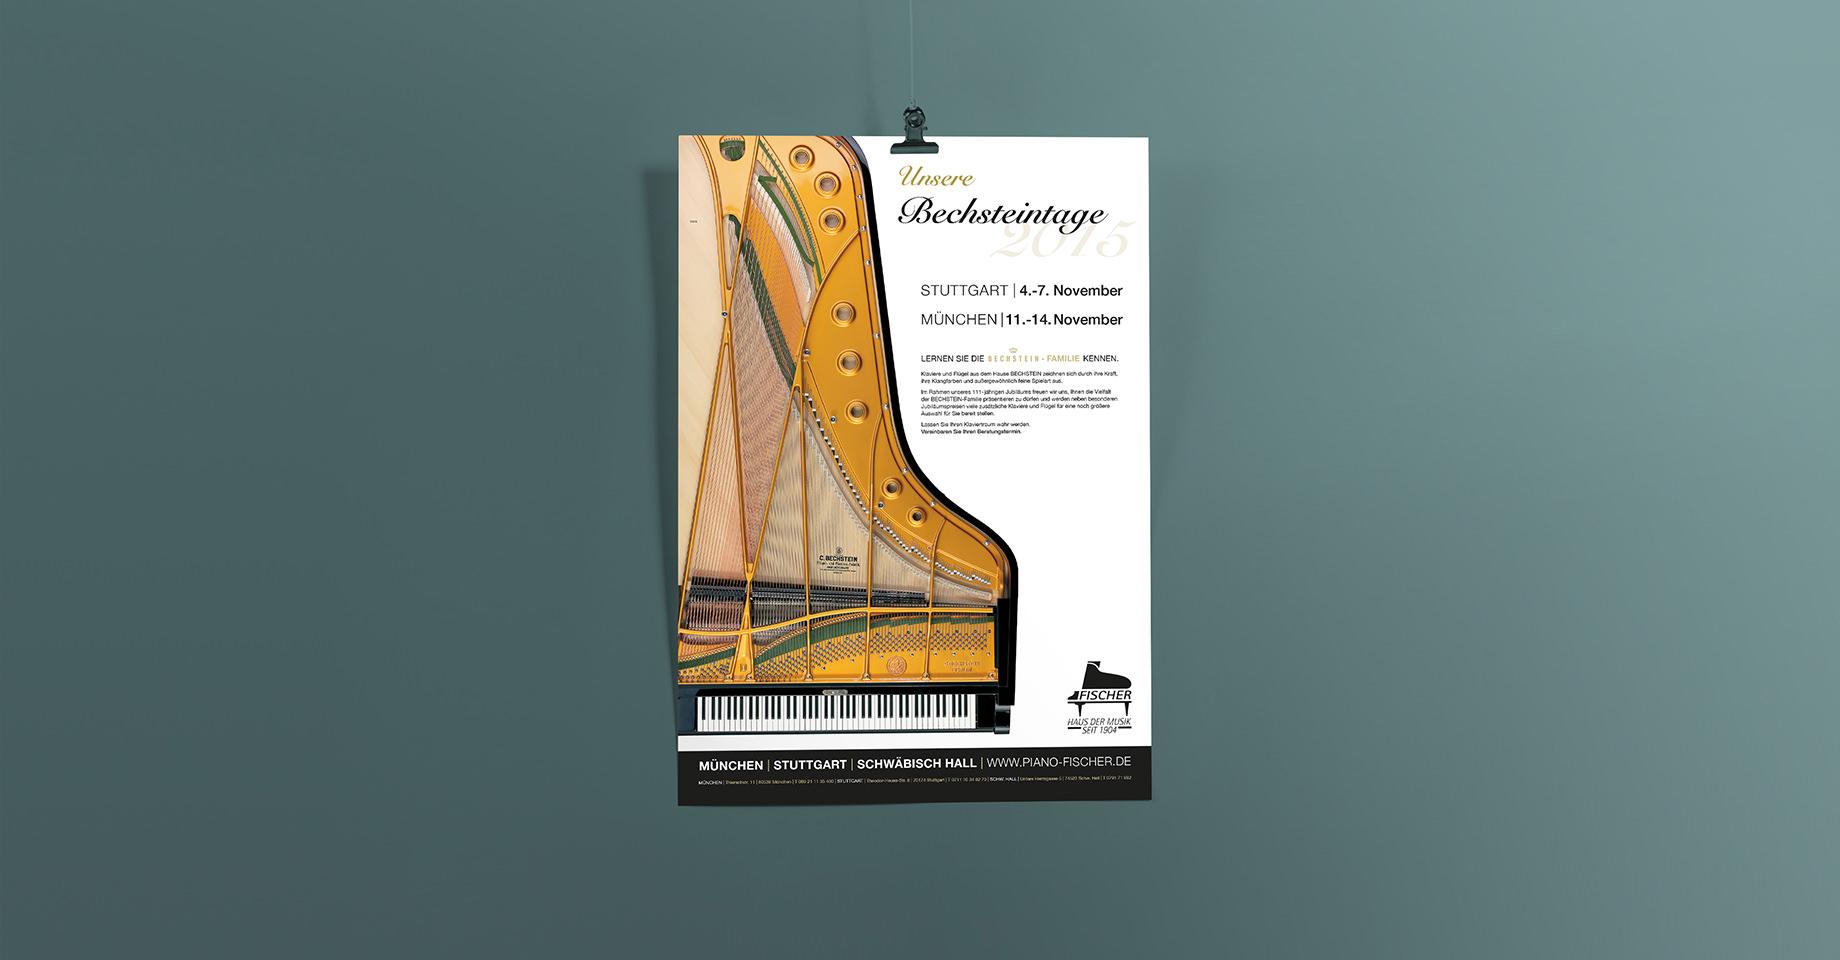 Bechsteintage Plakta Piano Fischer